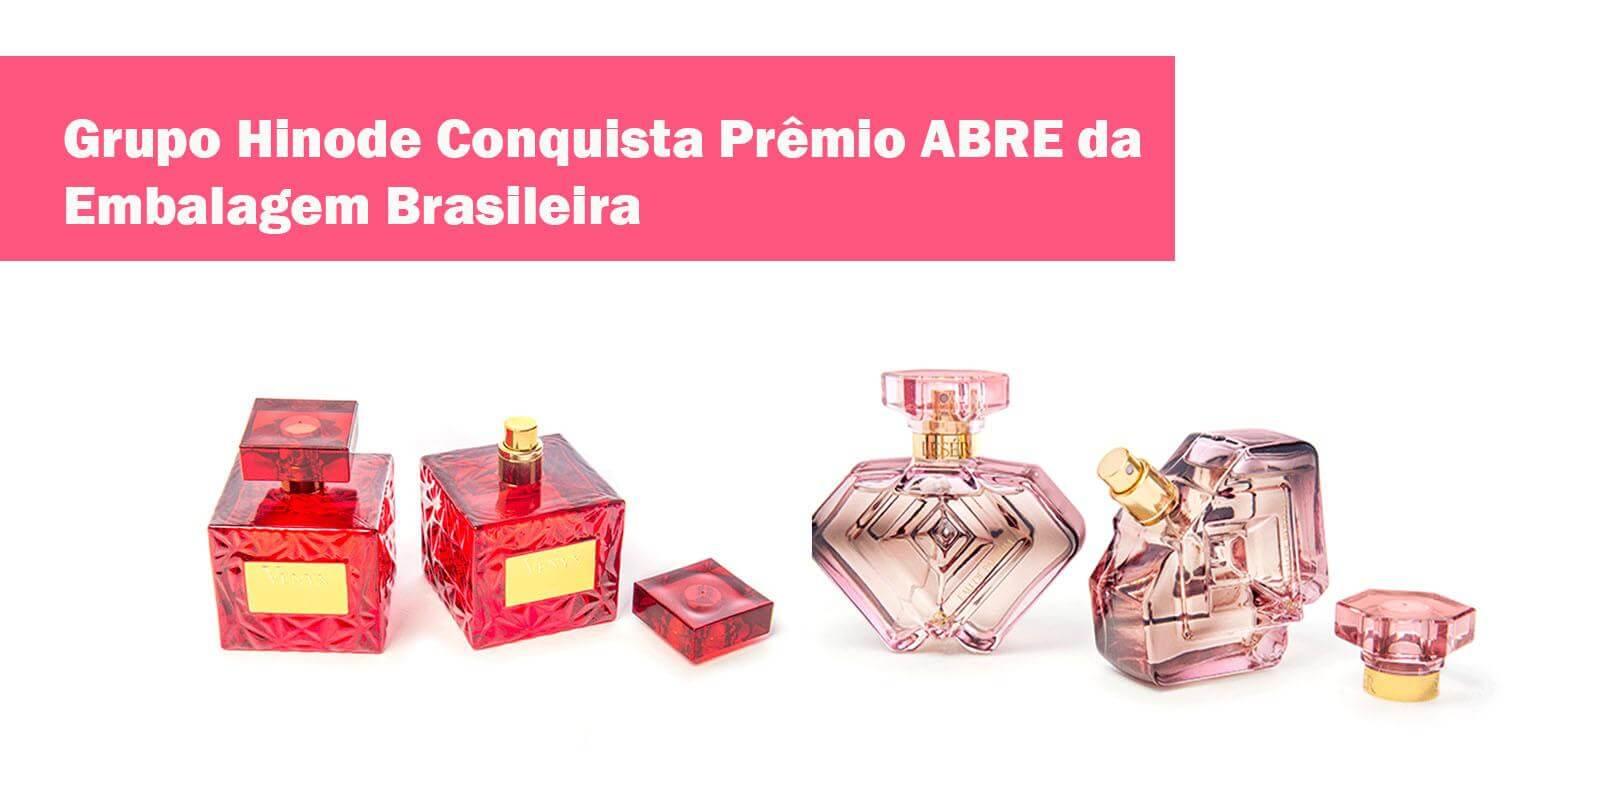 de4c1aa42eeae Grupo Hinode conquista Prêmio ABRE da embalagem brasileira - Hinode Campo  Grande MS